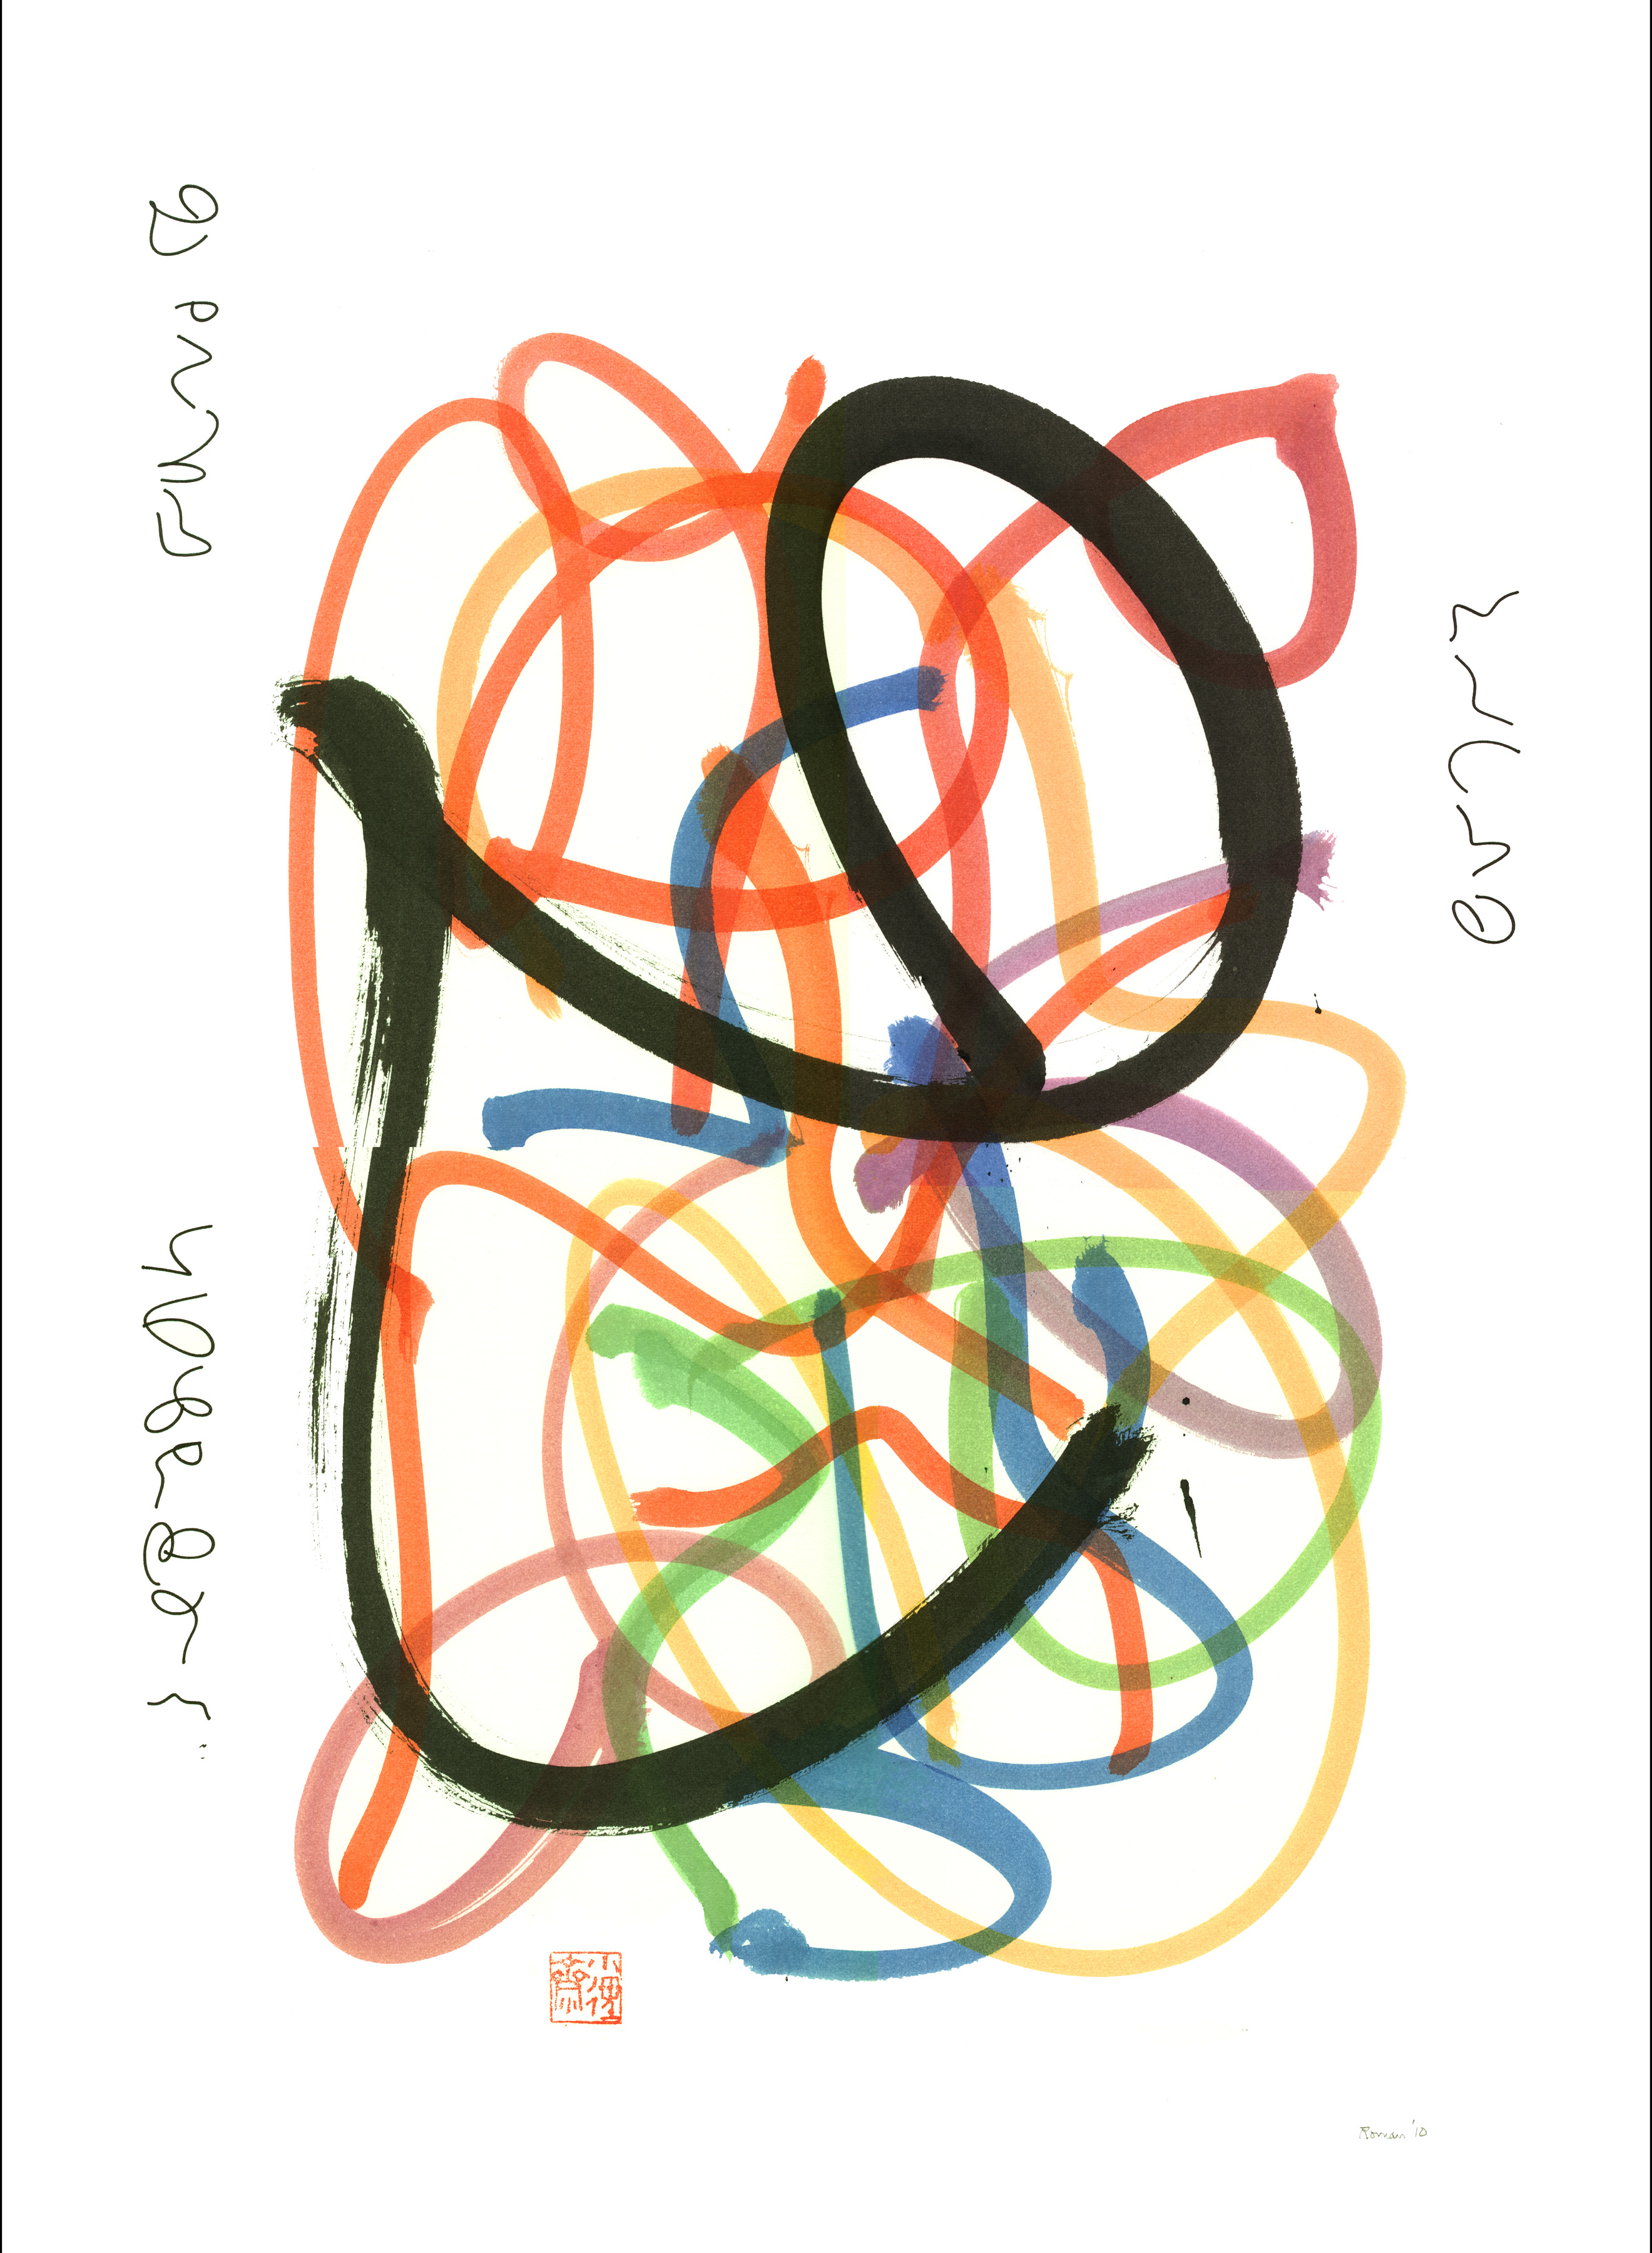 Roman Verostko, Frog Jump (h12), Stift und Pinsel auf Papier, 76 x 56 cm, 2010